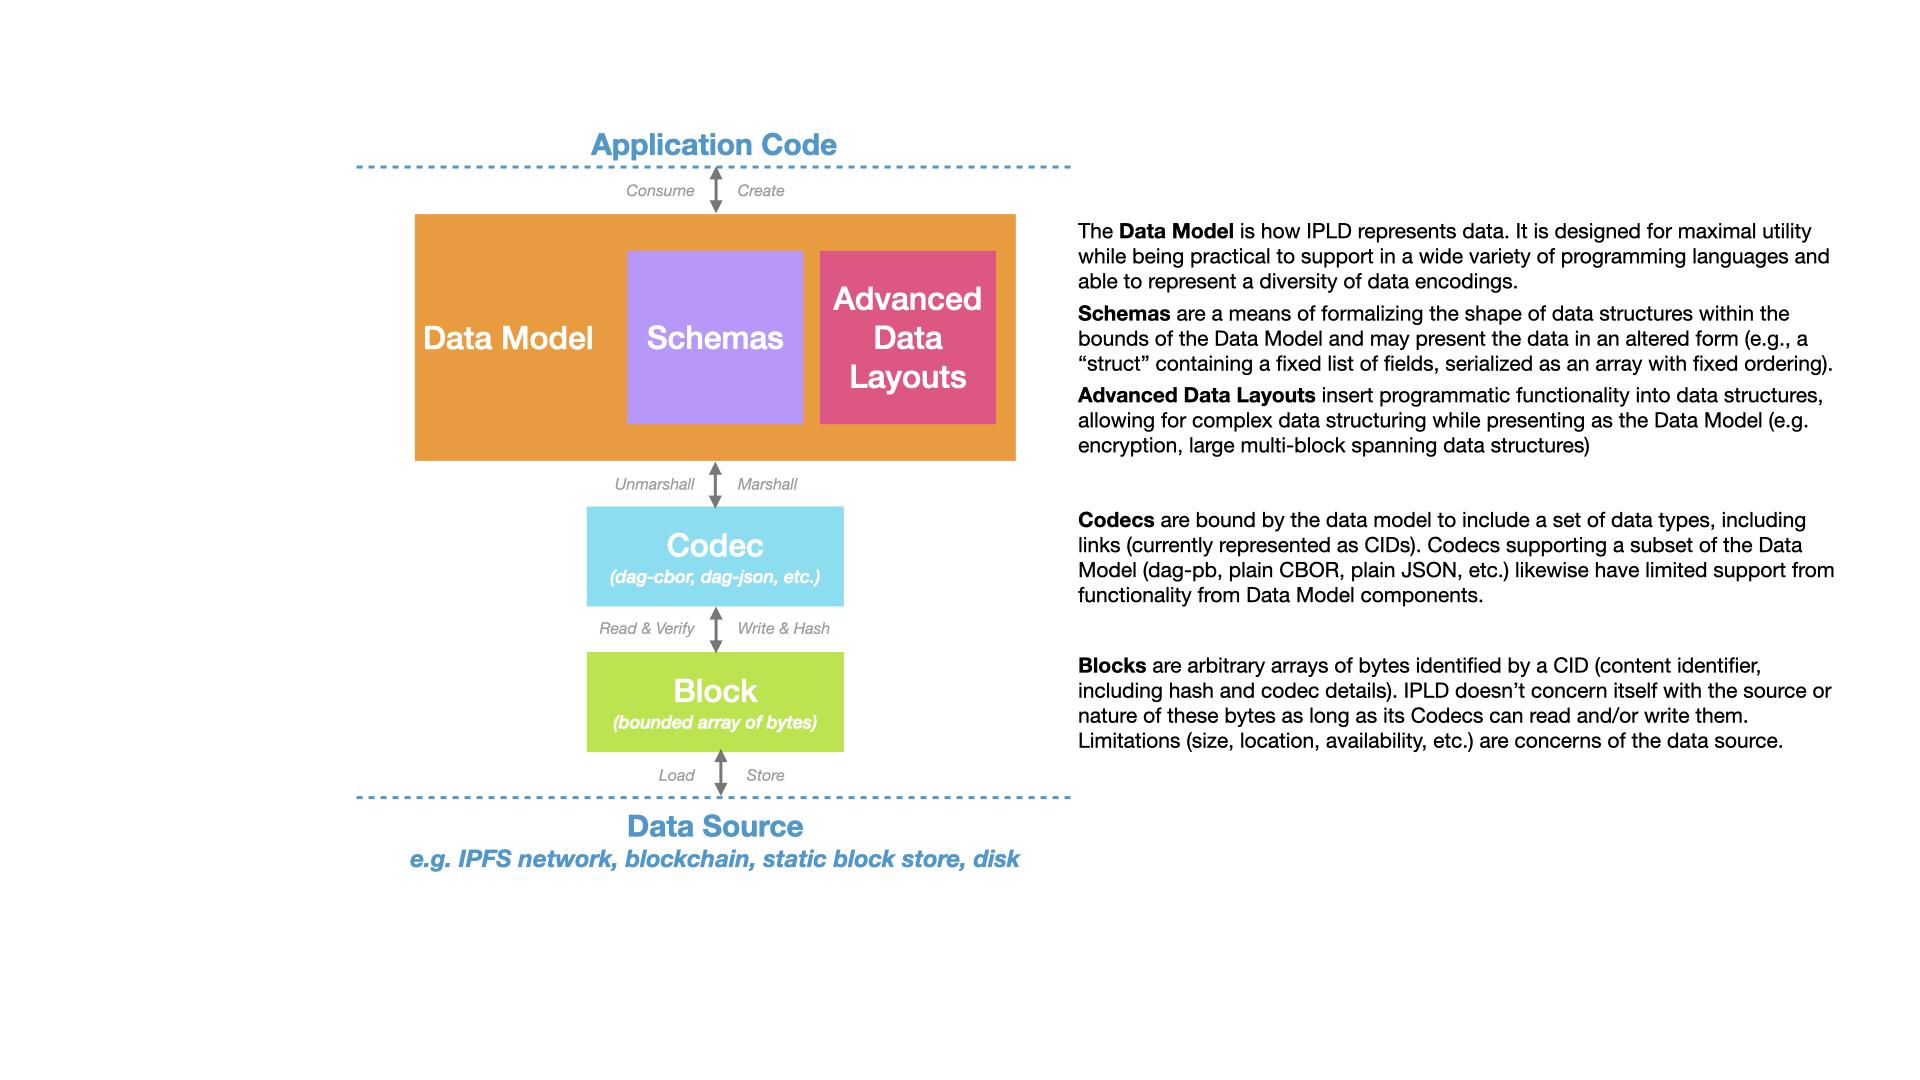 IPLD Diagram